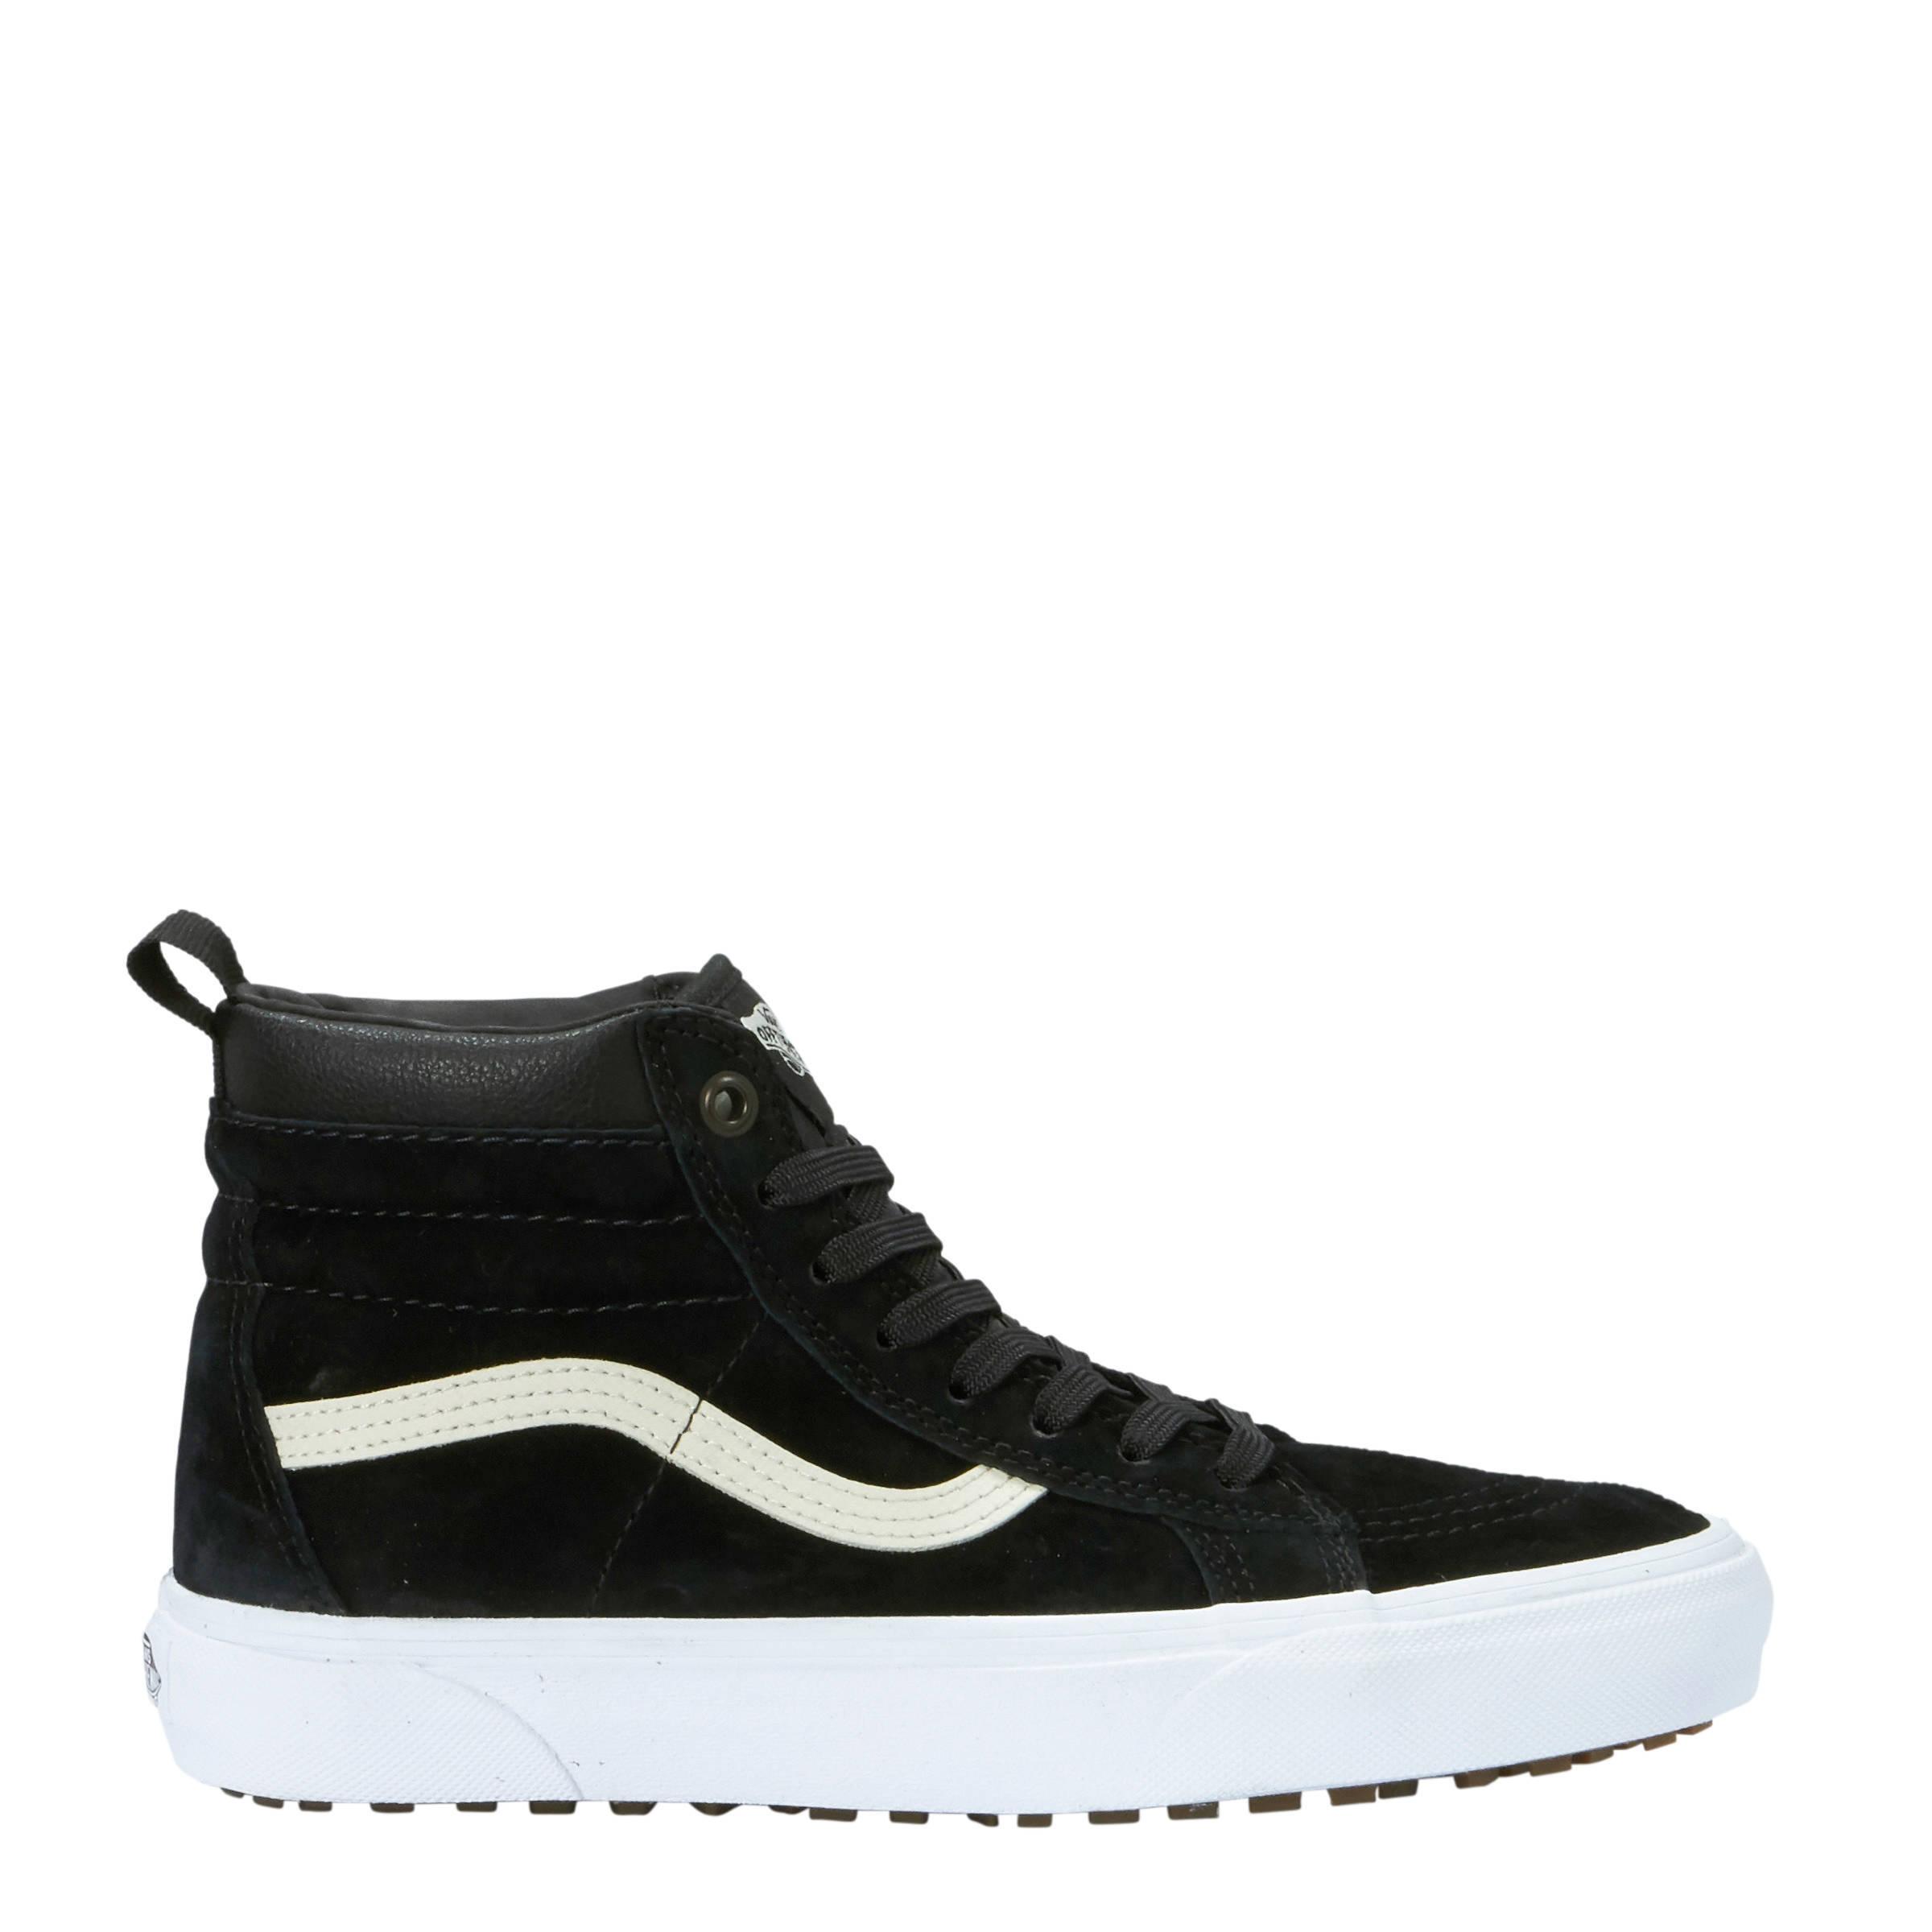 44562312007 VANS Sk8-Hi MTE sneakers zwart | wehkamp